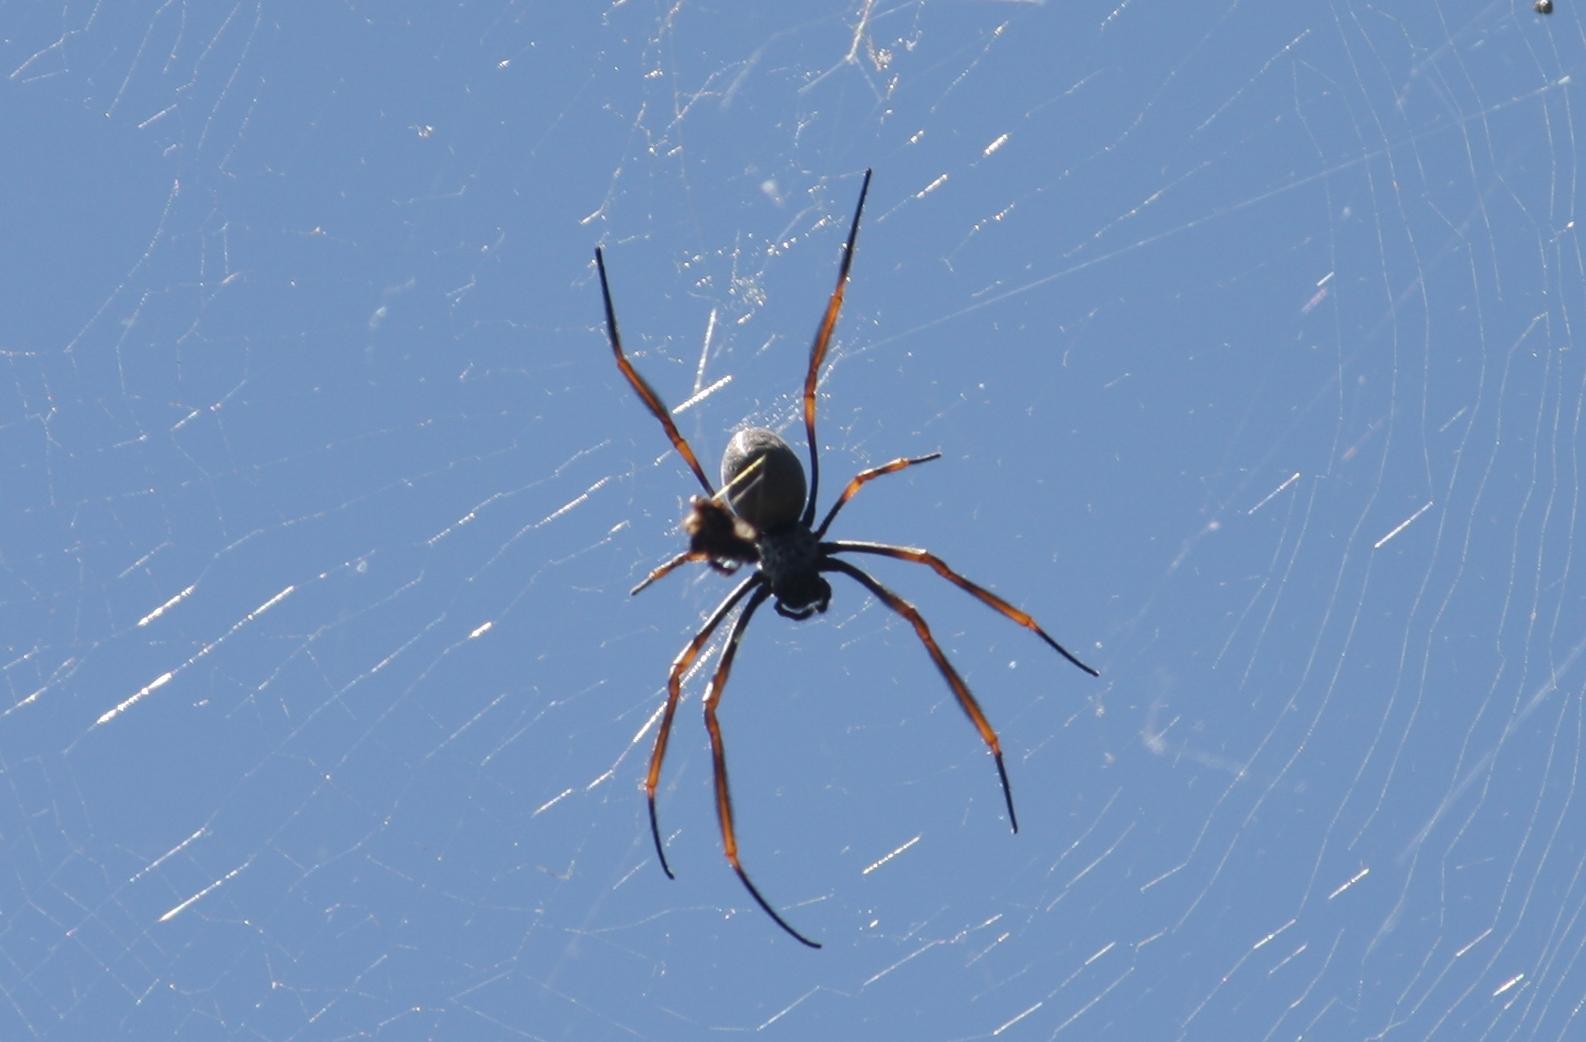 Golden Silk Orb-weaver Spider svg #12, Download drawings